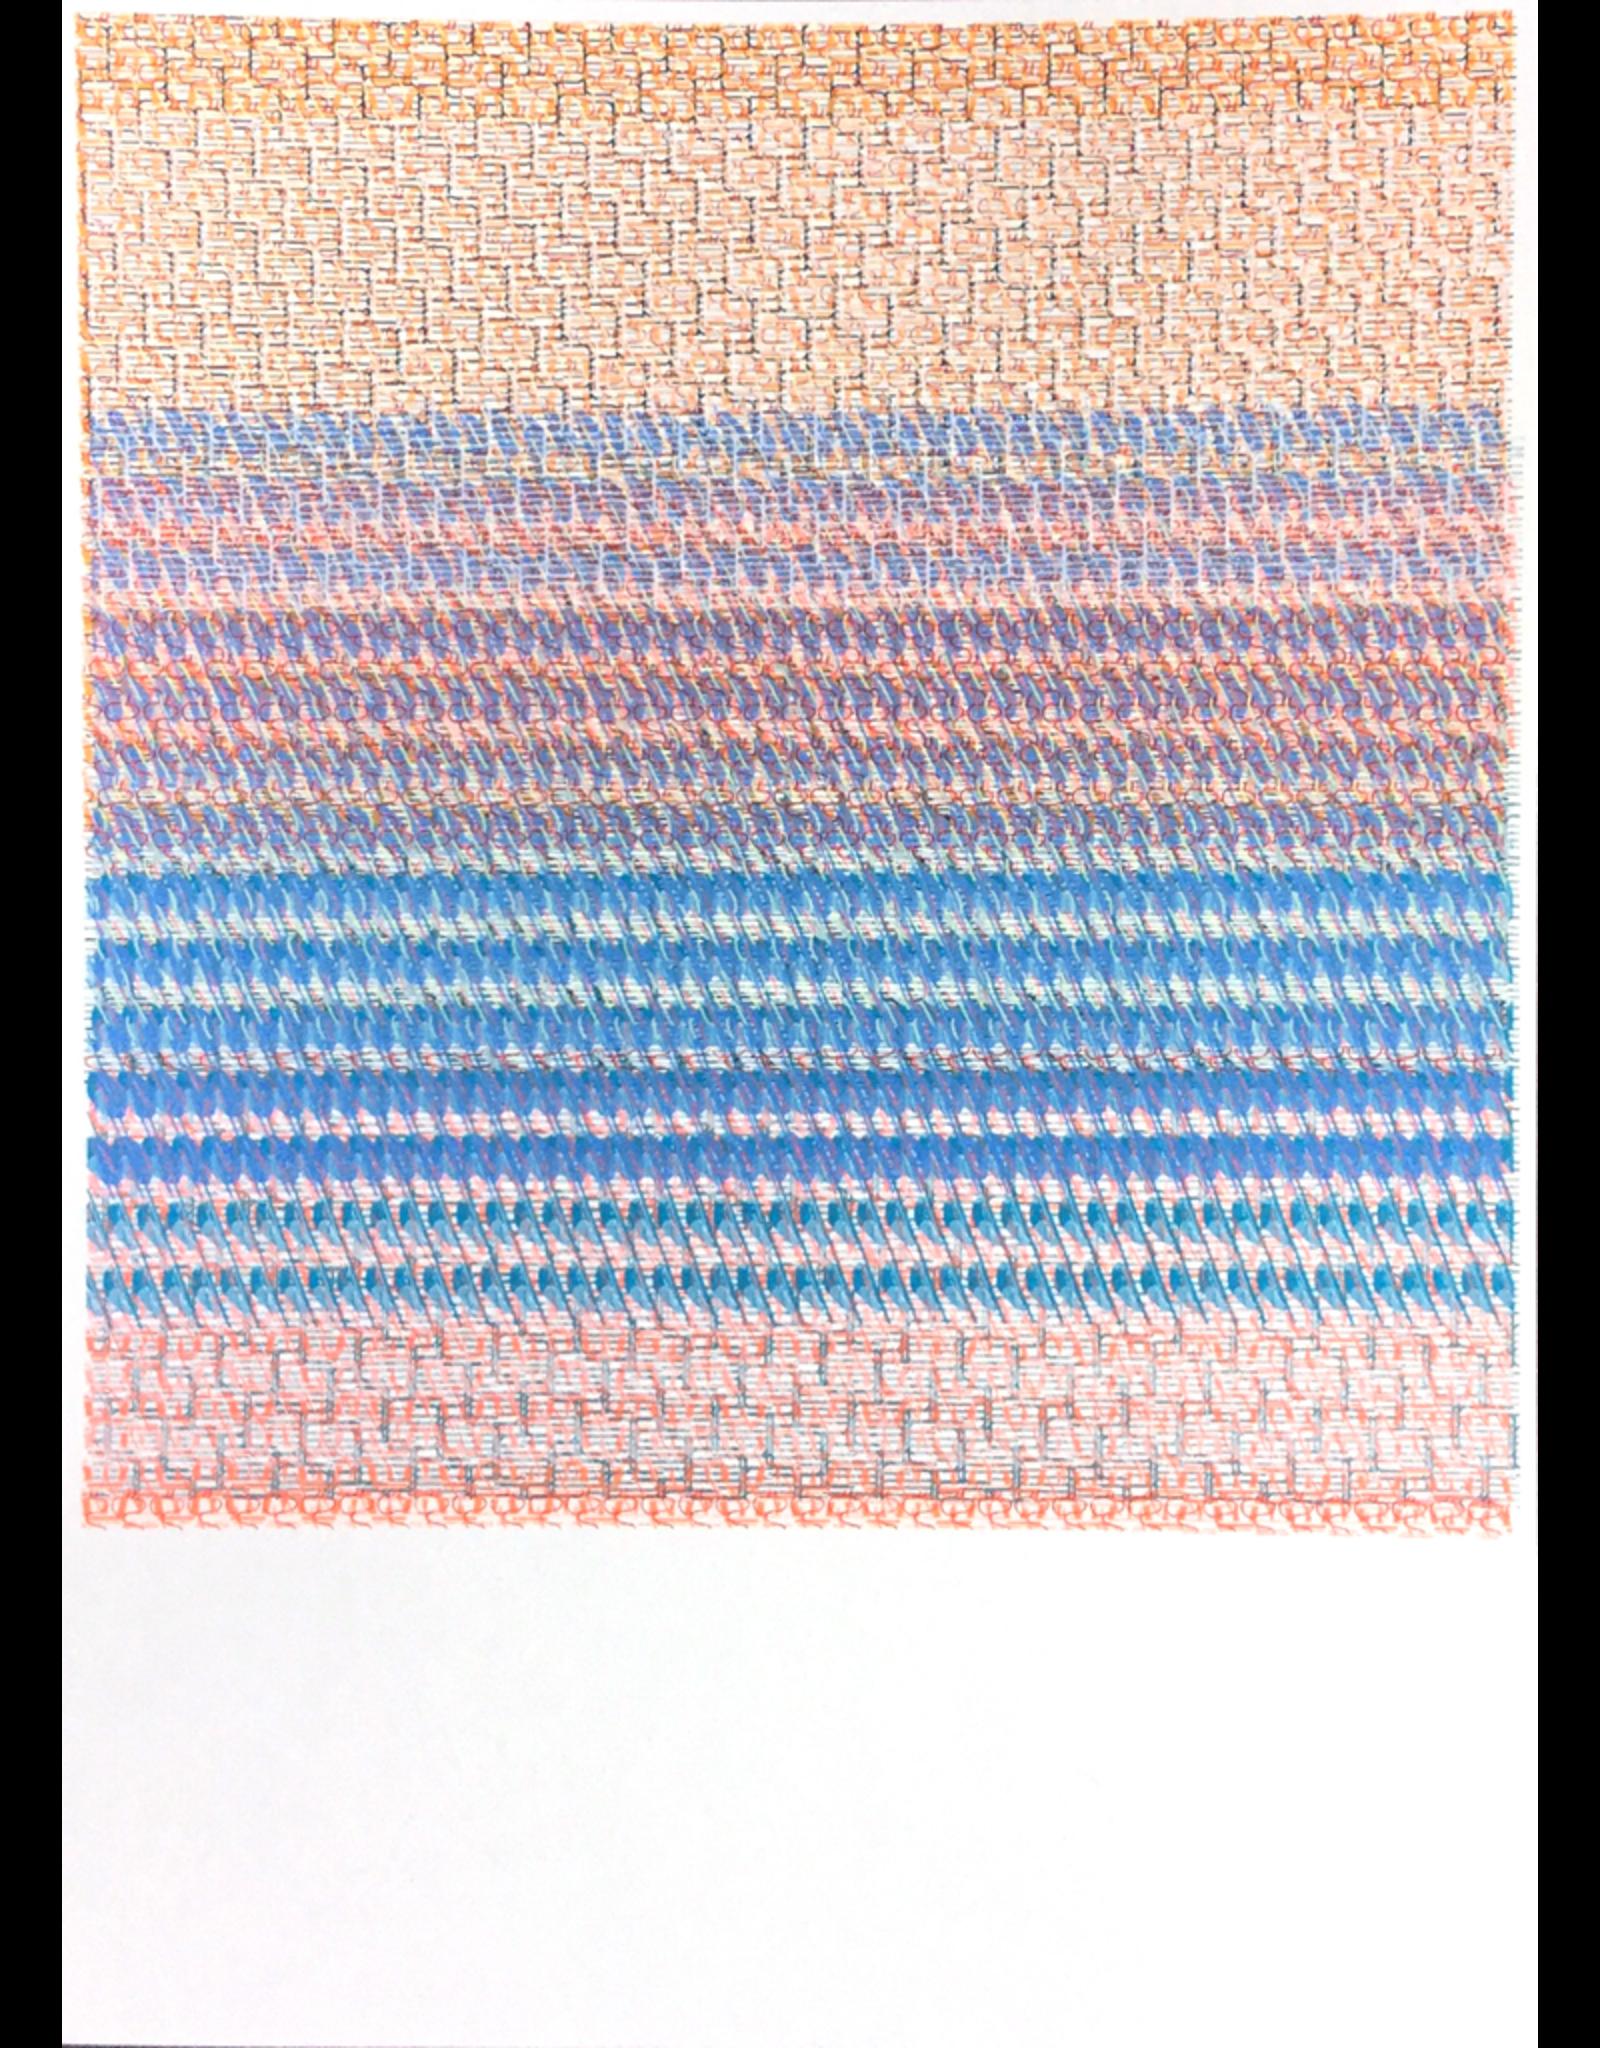 Pichon, Ilana Think: Monotype #125 (125), Ilana Pichon